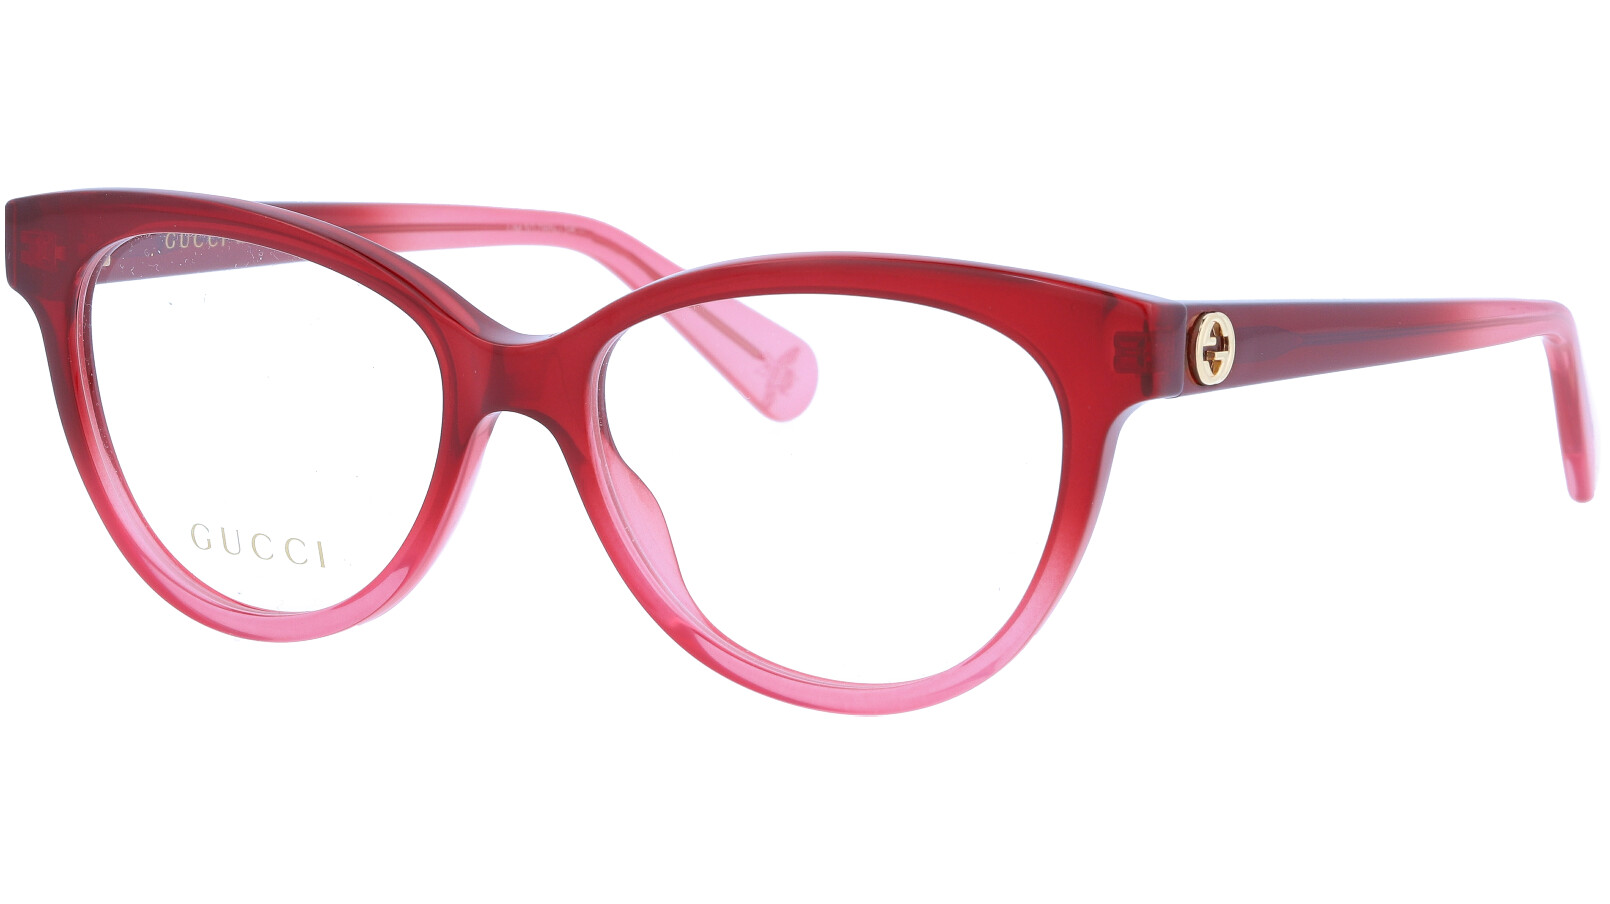 GUCCI GG0373O 005 52 RED Glasses